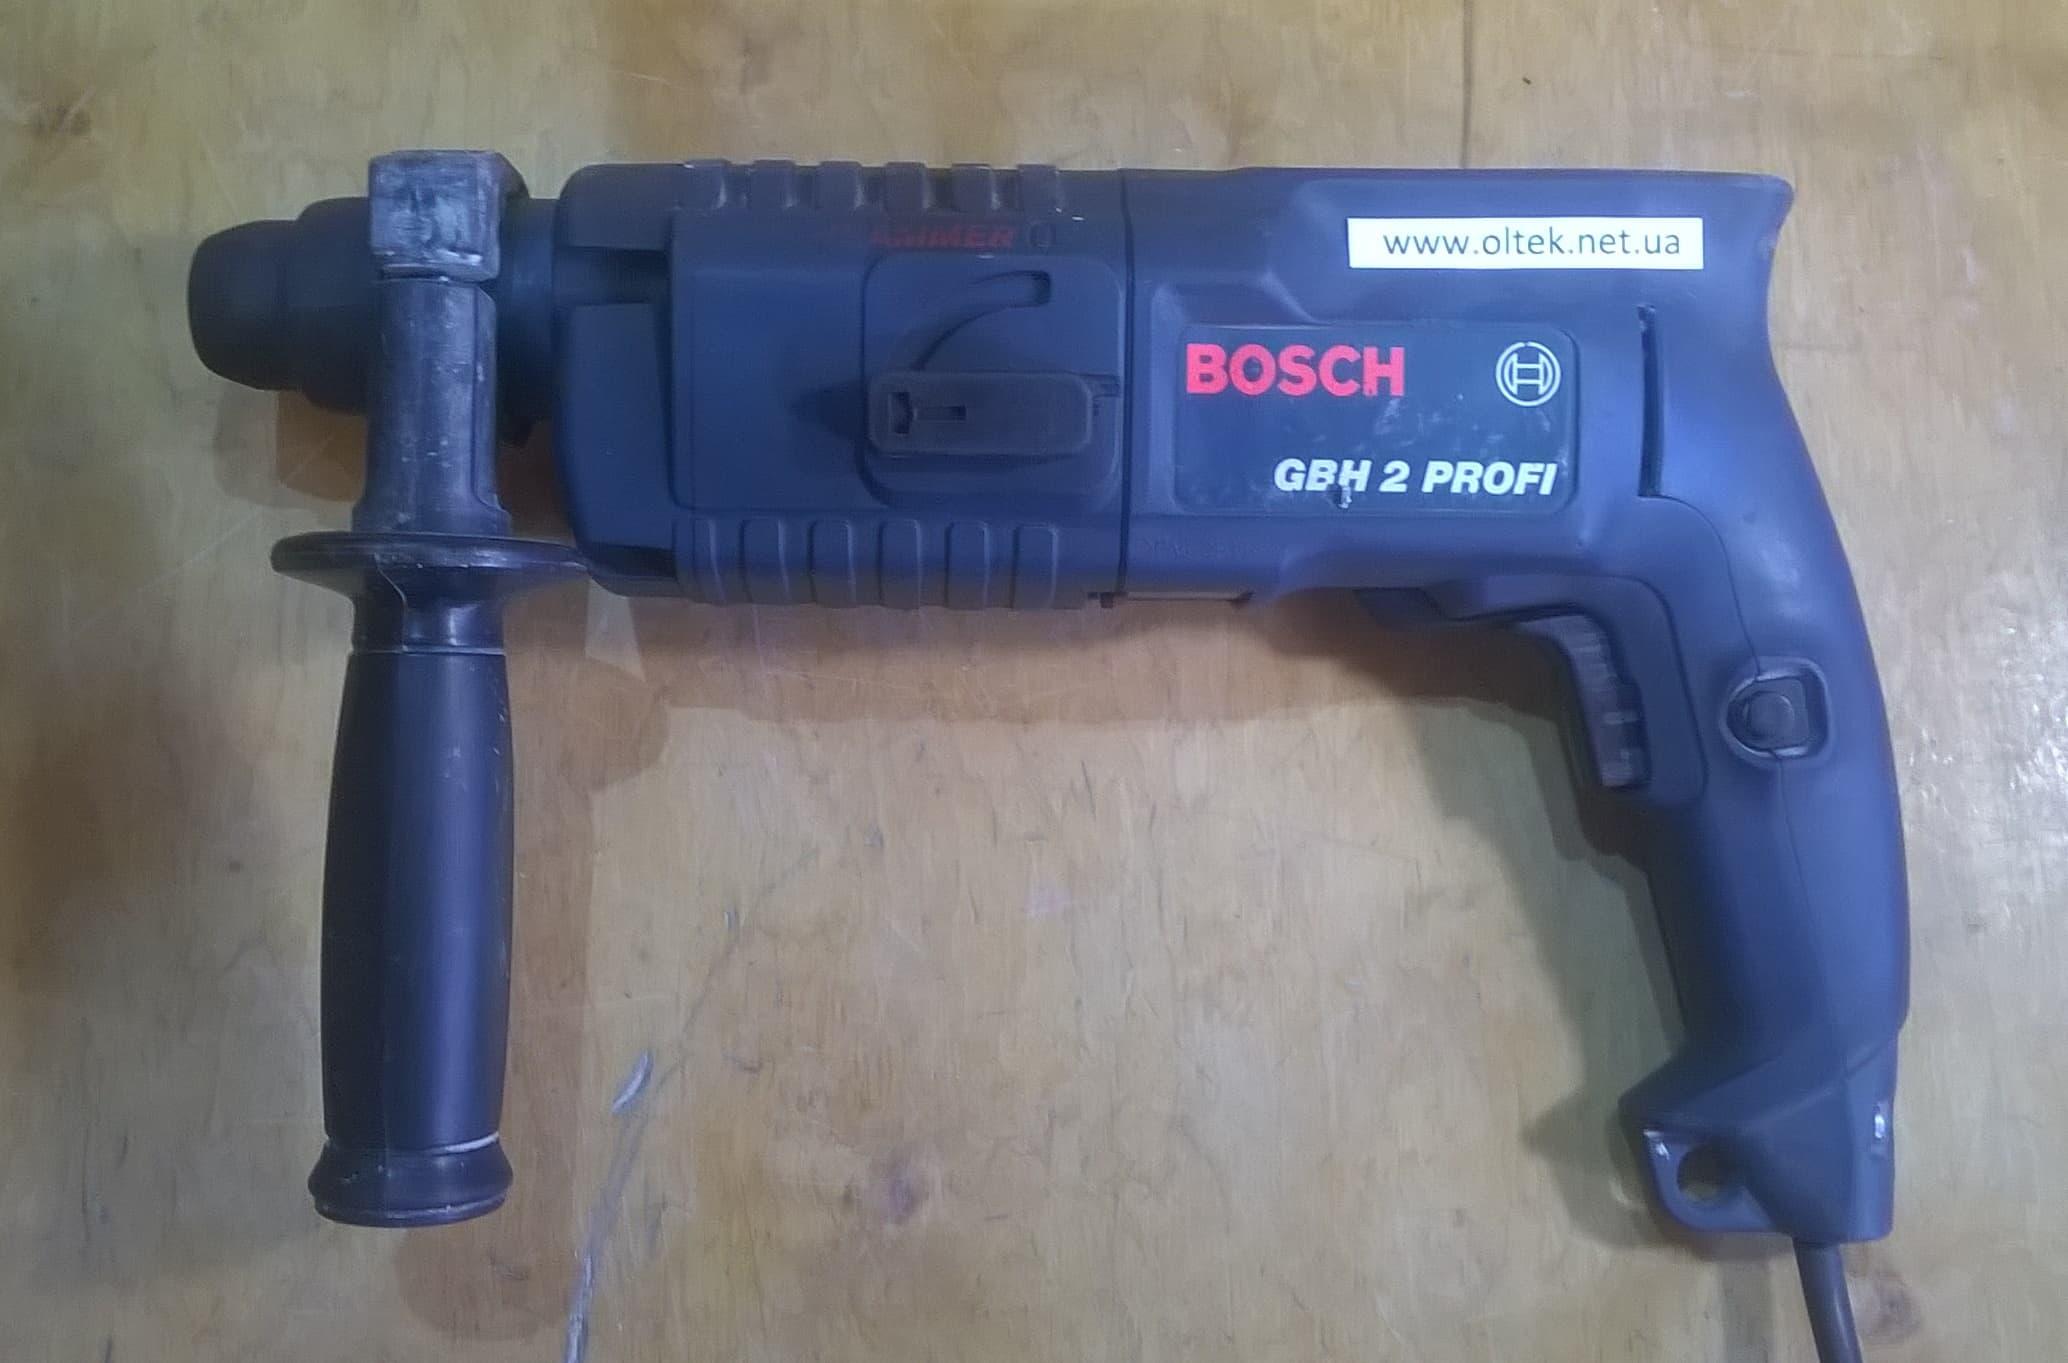 Bosch-GBH-2